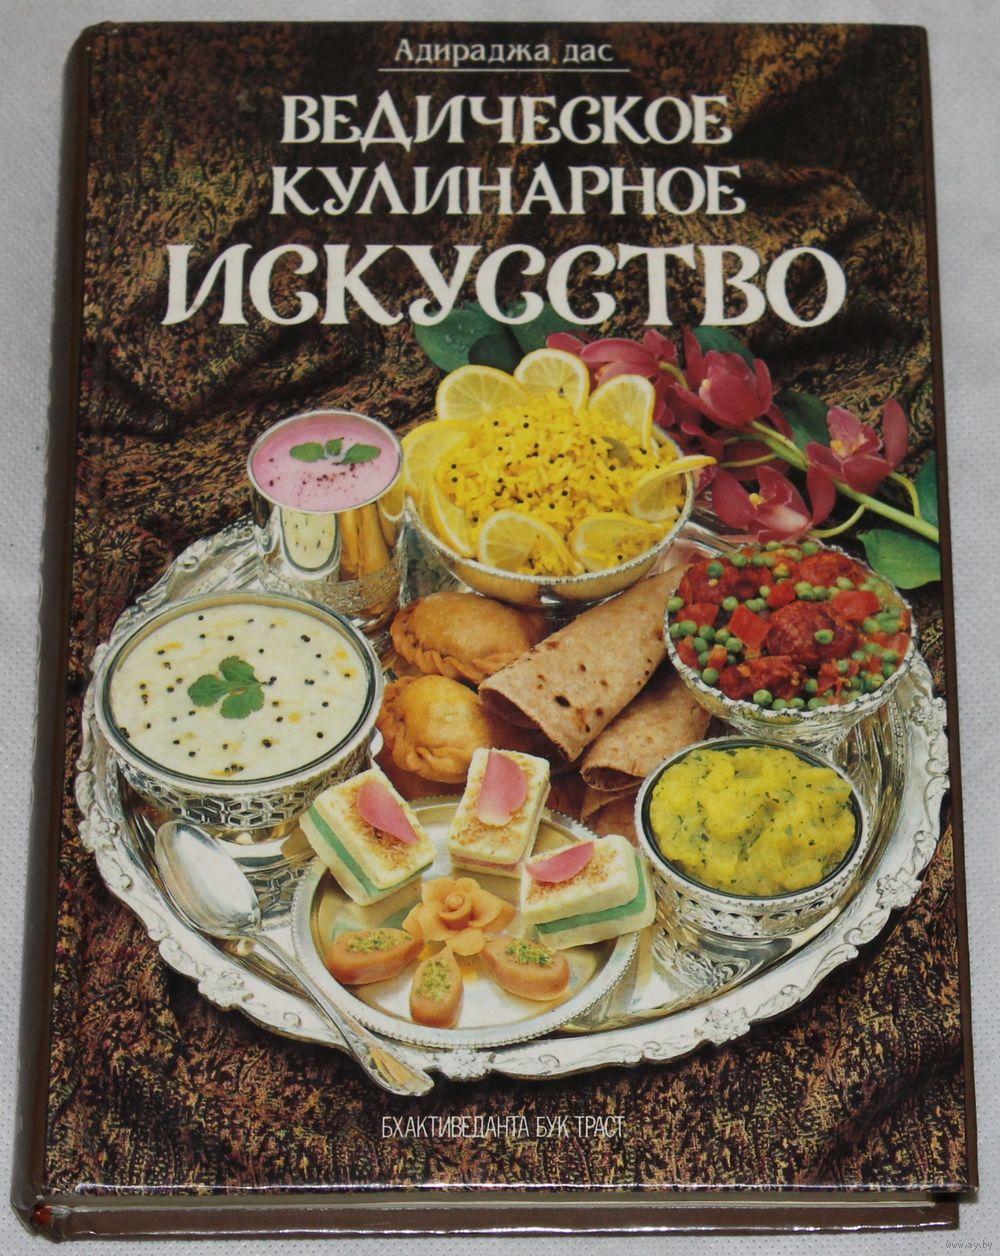 Скачать бесплатно книгу ведическое кулинарное искусство